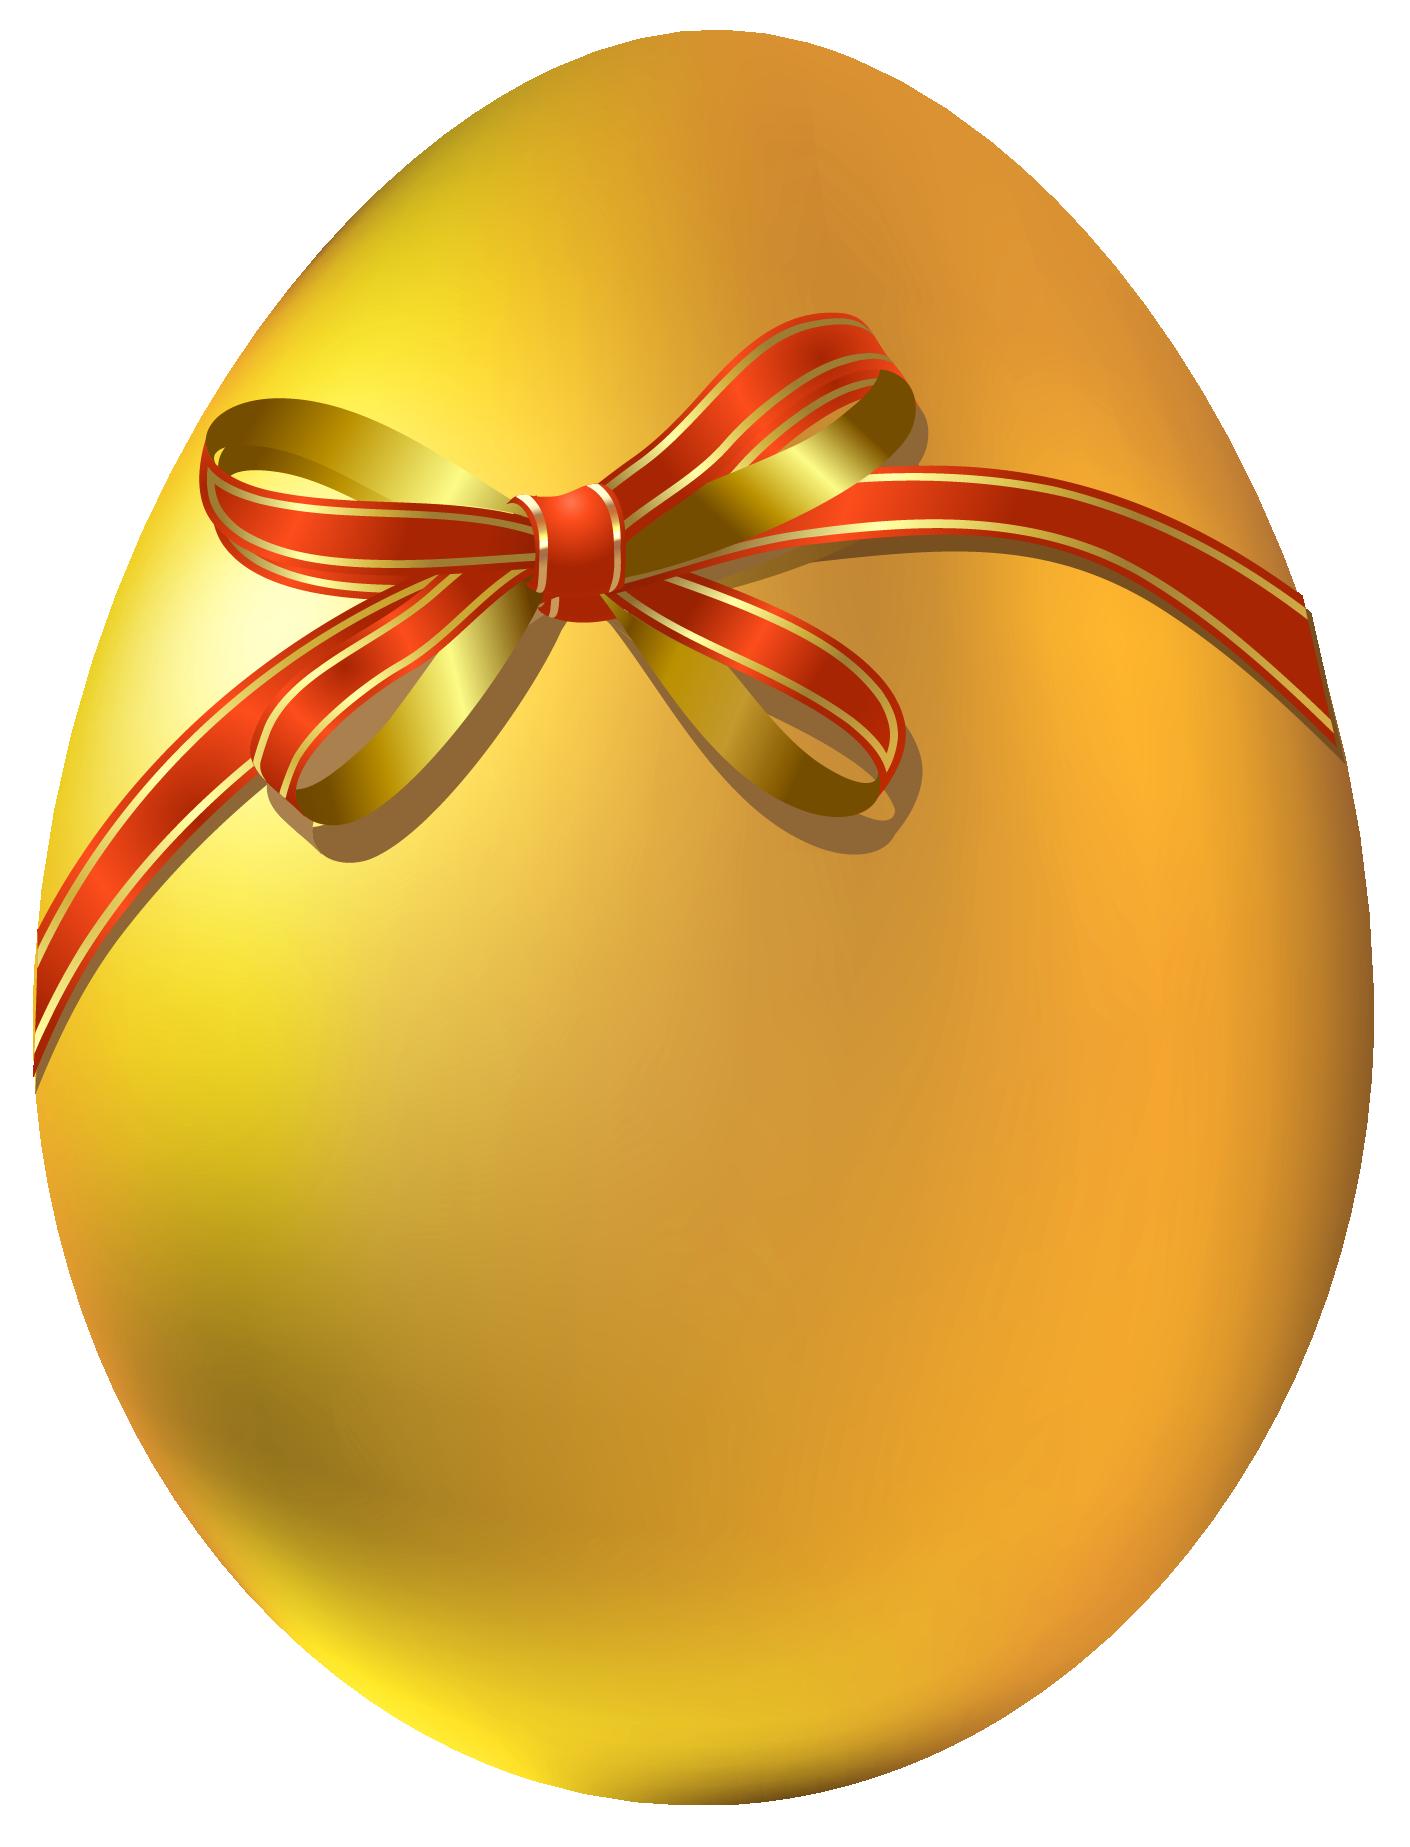 Gold easter egg clipart banner free stock Golden easter egg clipart png - ClipartFest banner free stock